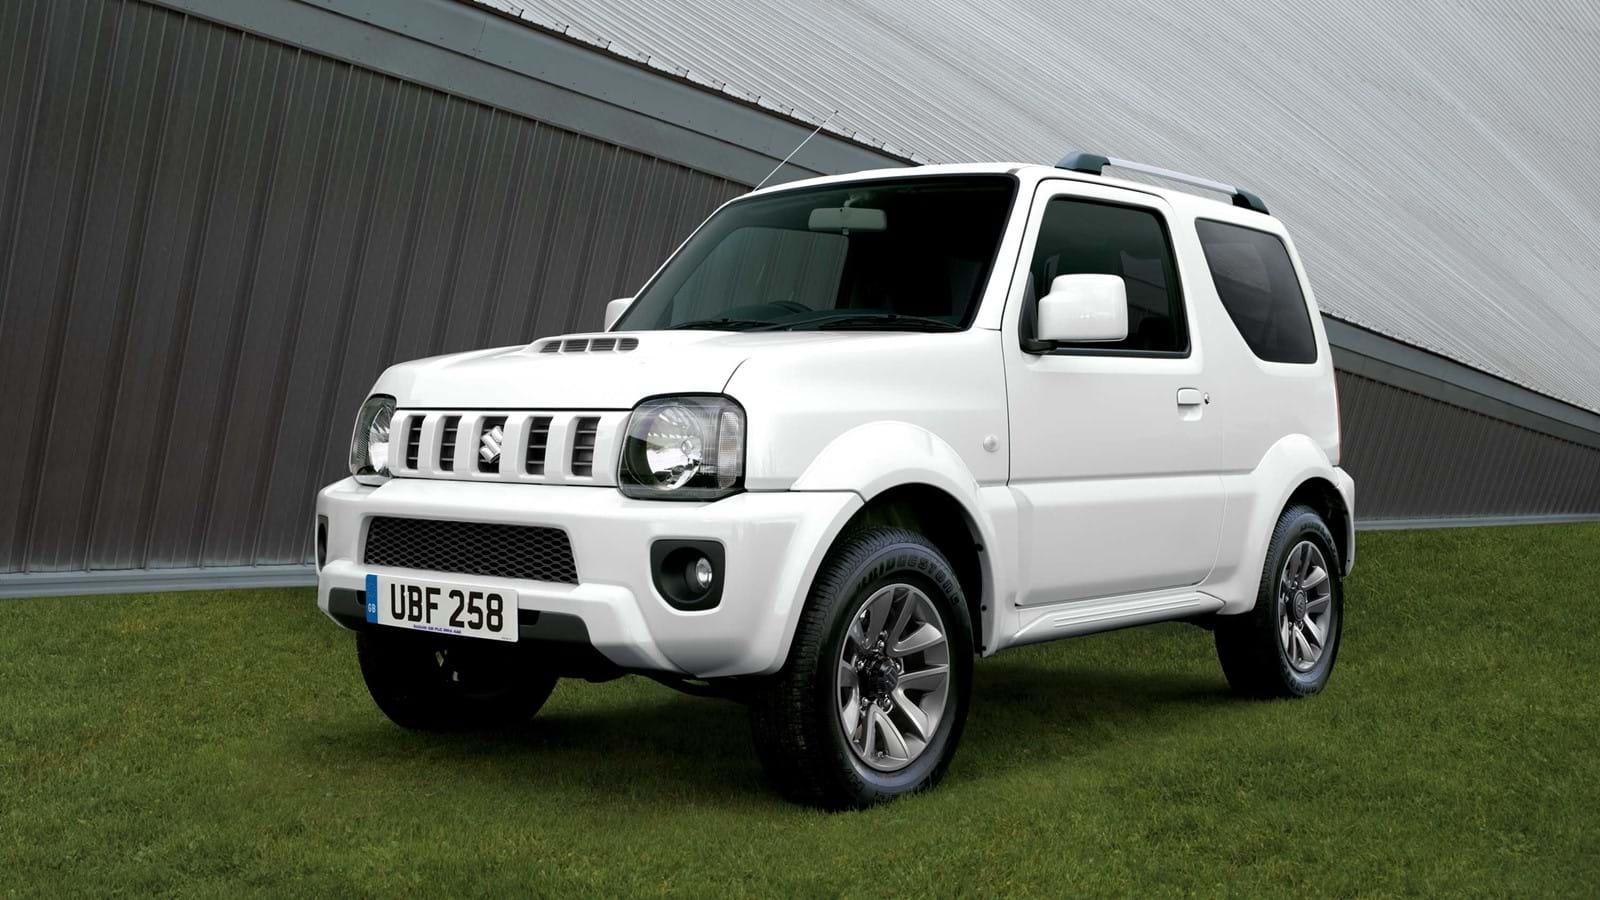 Suzuki Jimny: The High Value, High-Fun 4x4 | Suzuki Cars UK